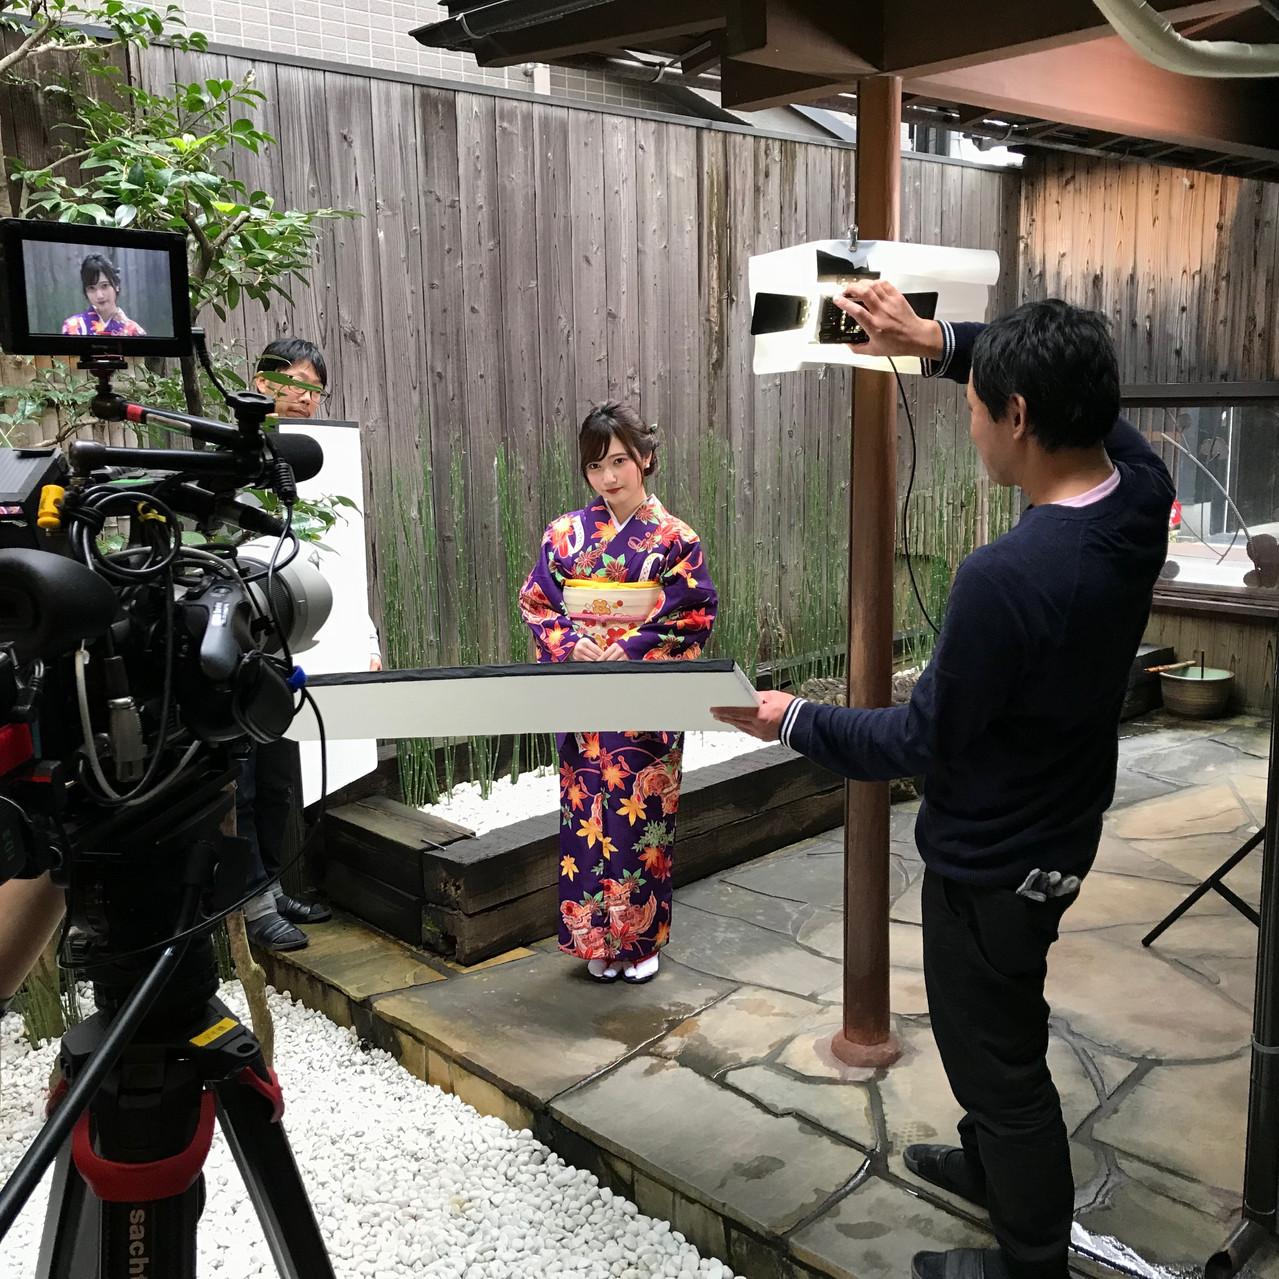 교토연애검정, 일본드라마